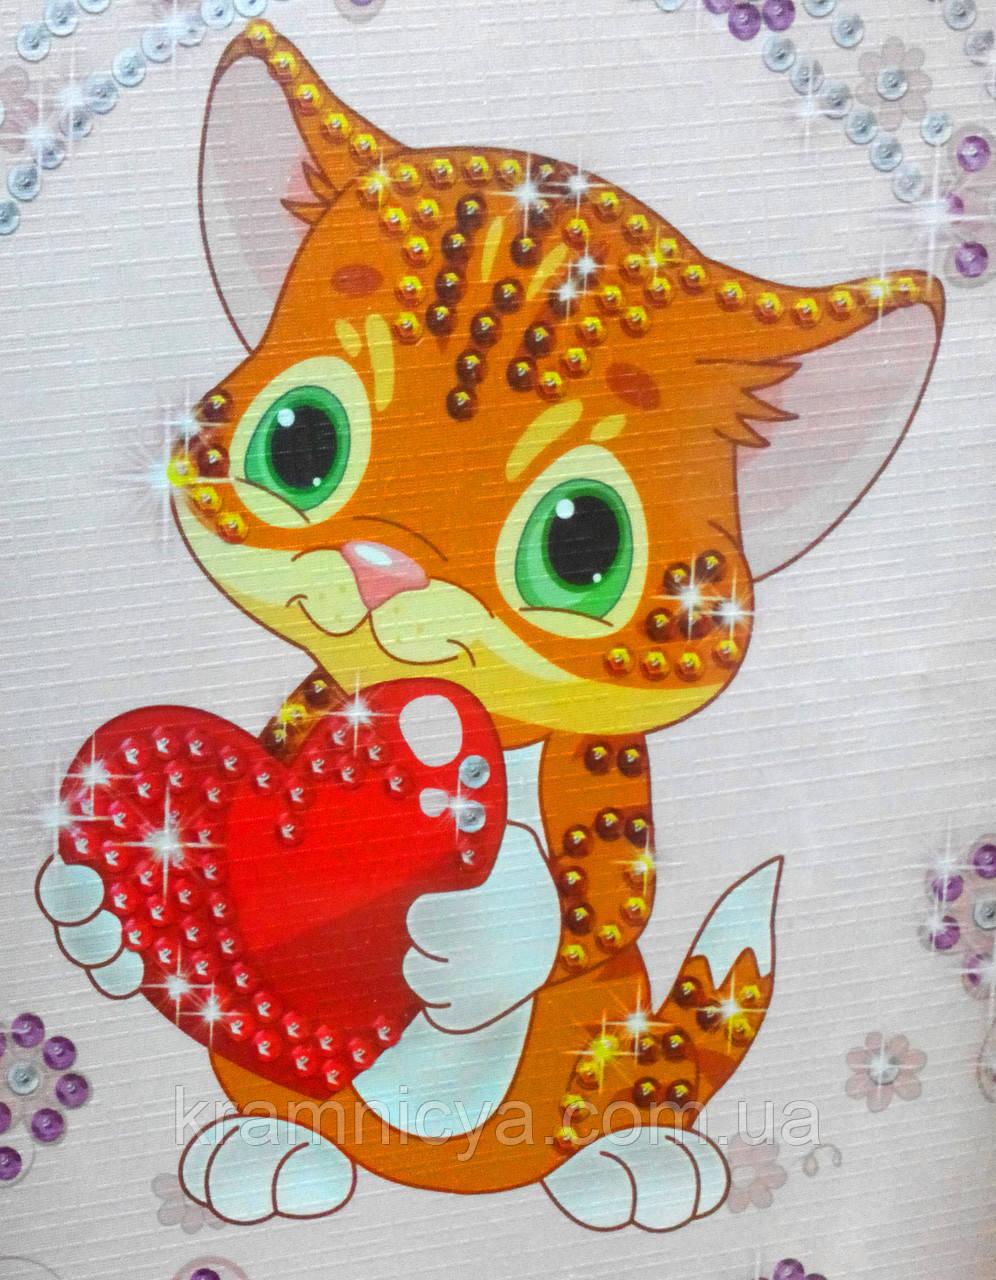 Картина из пайеток Котёнок (Пм-04-10)